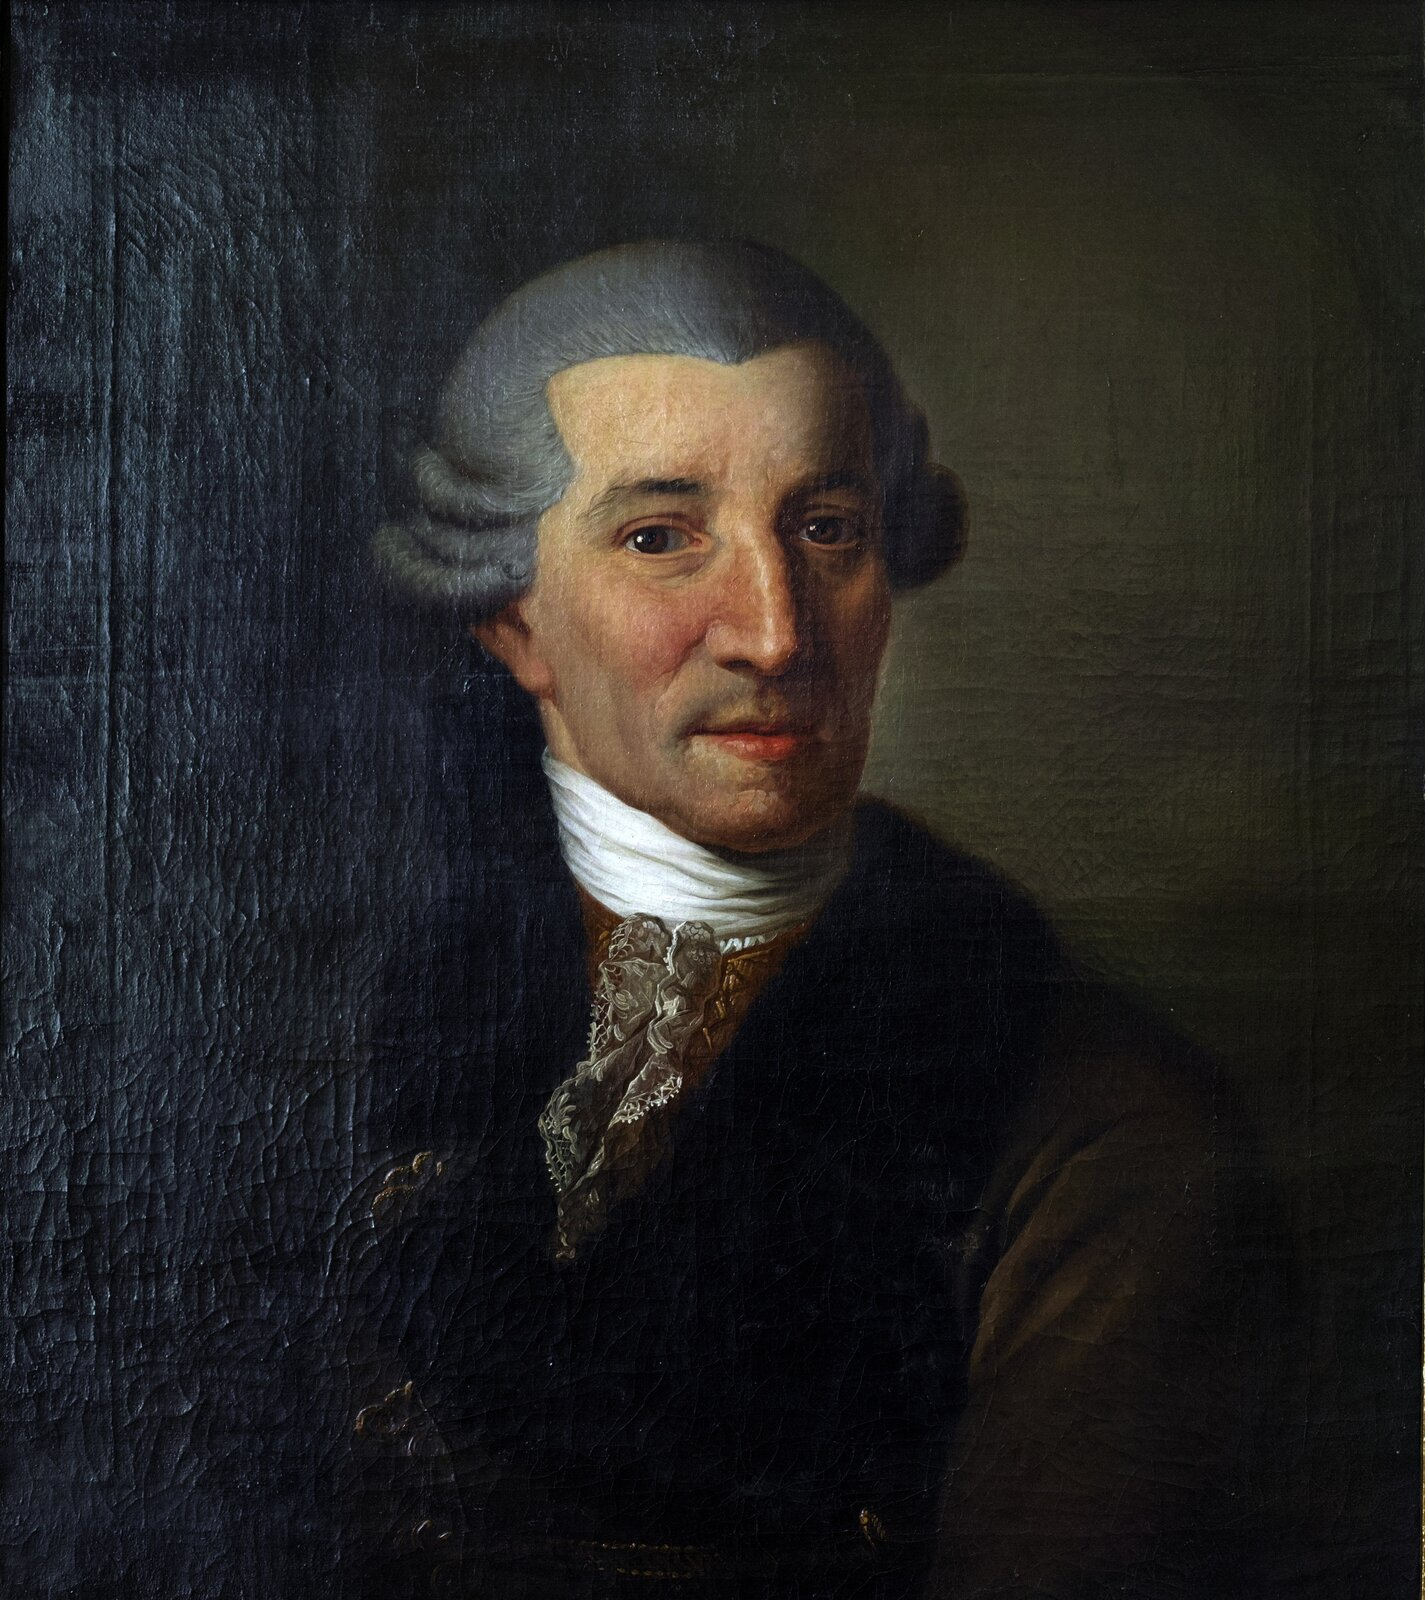 """Ilustracja przedstawia obraz Christiana Ludwiga Seehasa """"Portret Josepha Haydna"""". Na obrazie znajduje się austriacki kompozytor klasycyzmu Joseph Haydn. Mężczyzna ma równo ułożone siwe włosy. Ubrany jest wfutro. Pod szyją ma białą chustę."""